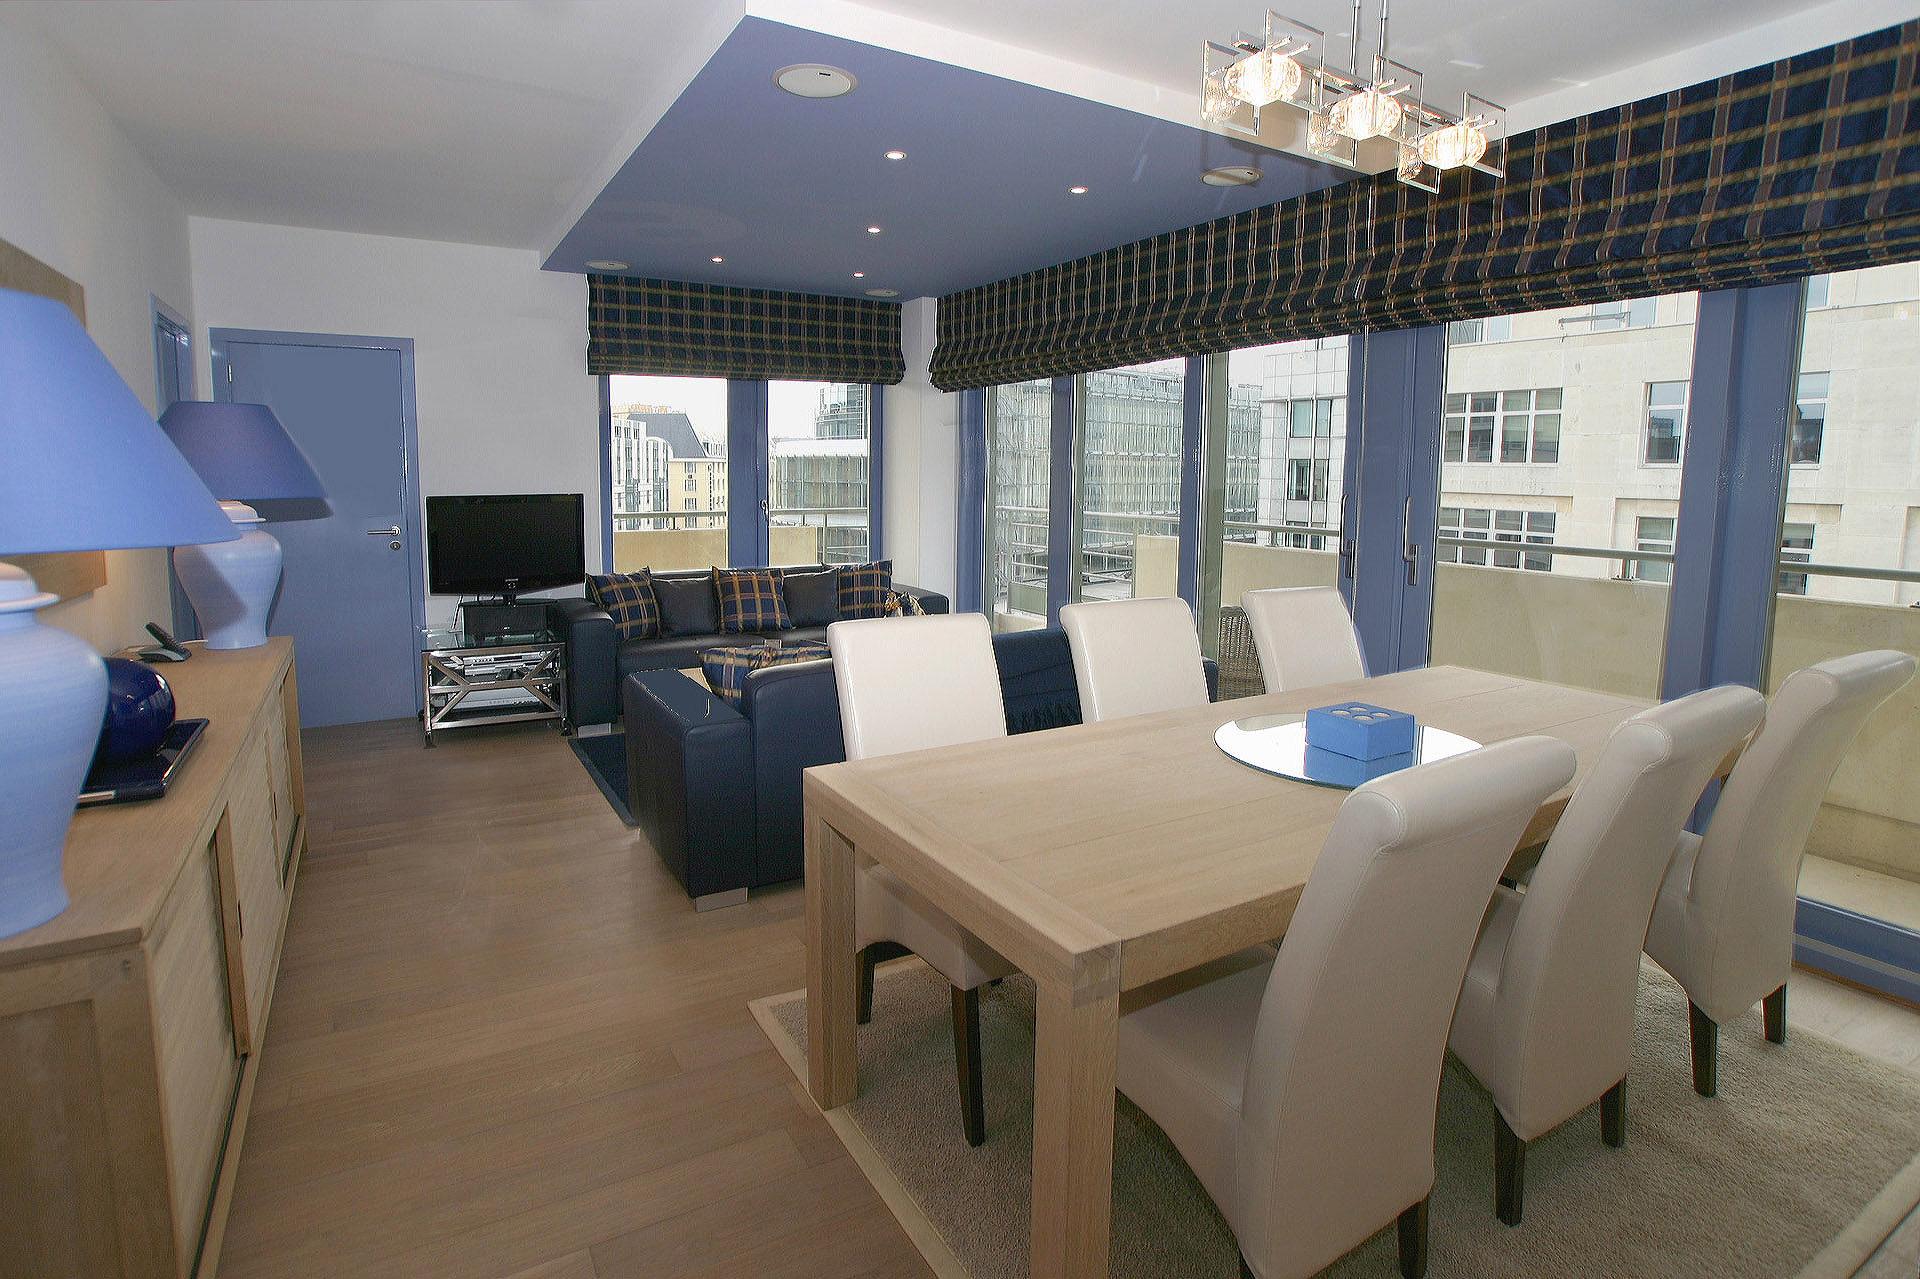 kleine wohnung mit homogenen farbe marcotte style enorm wohnzimmer einrichtung